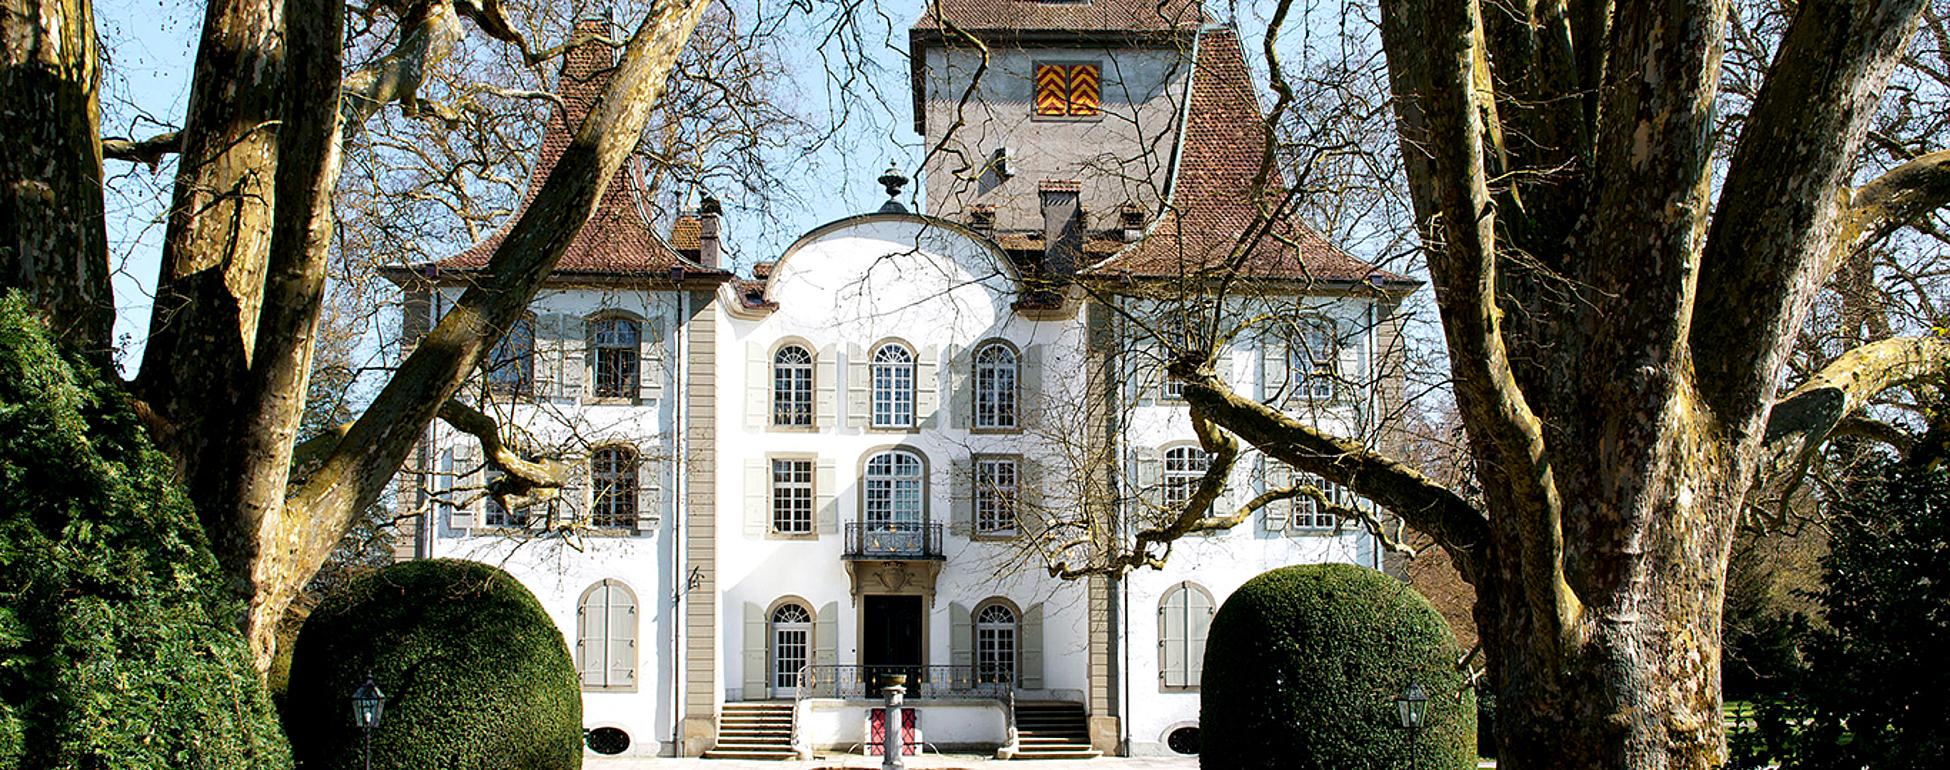 Castello di Jegenstorf